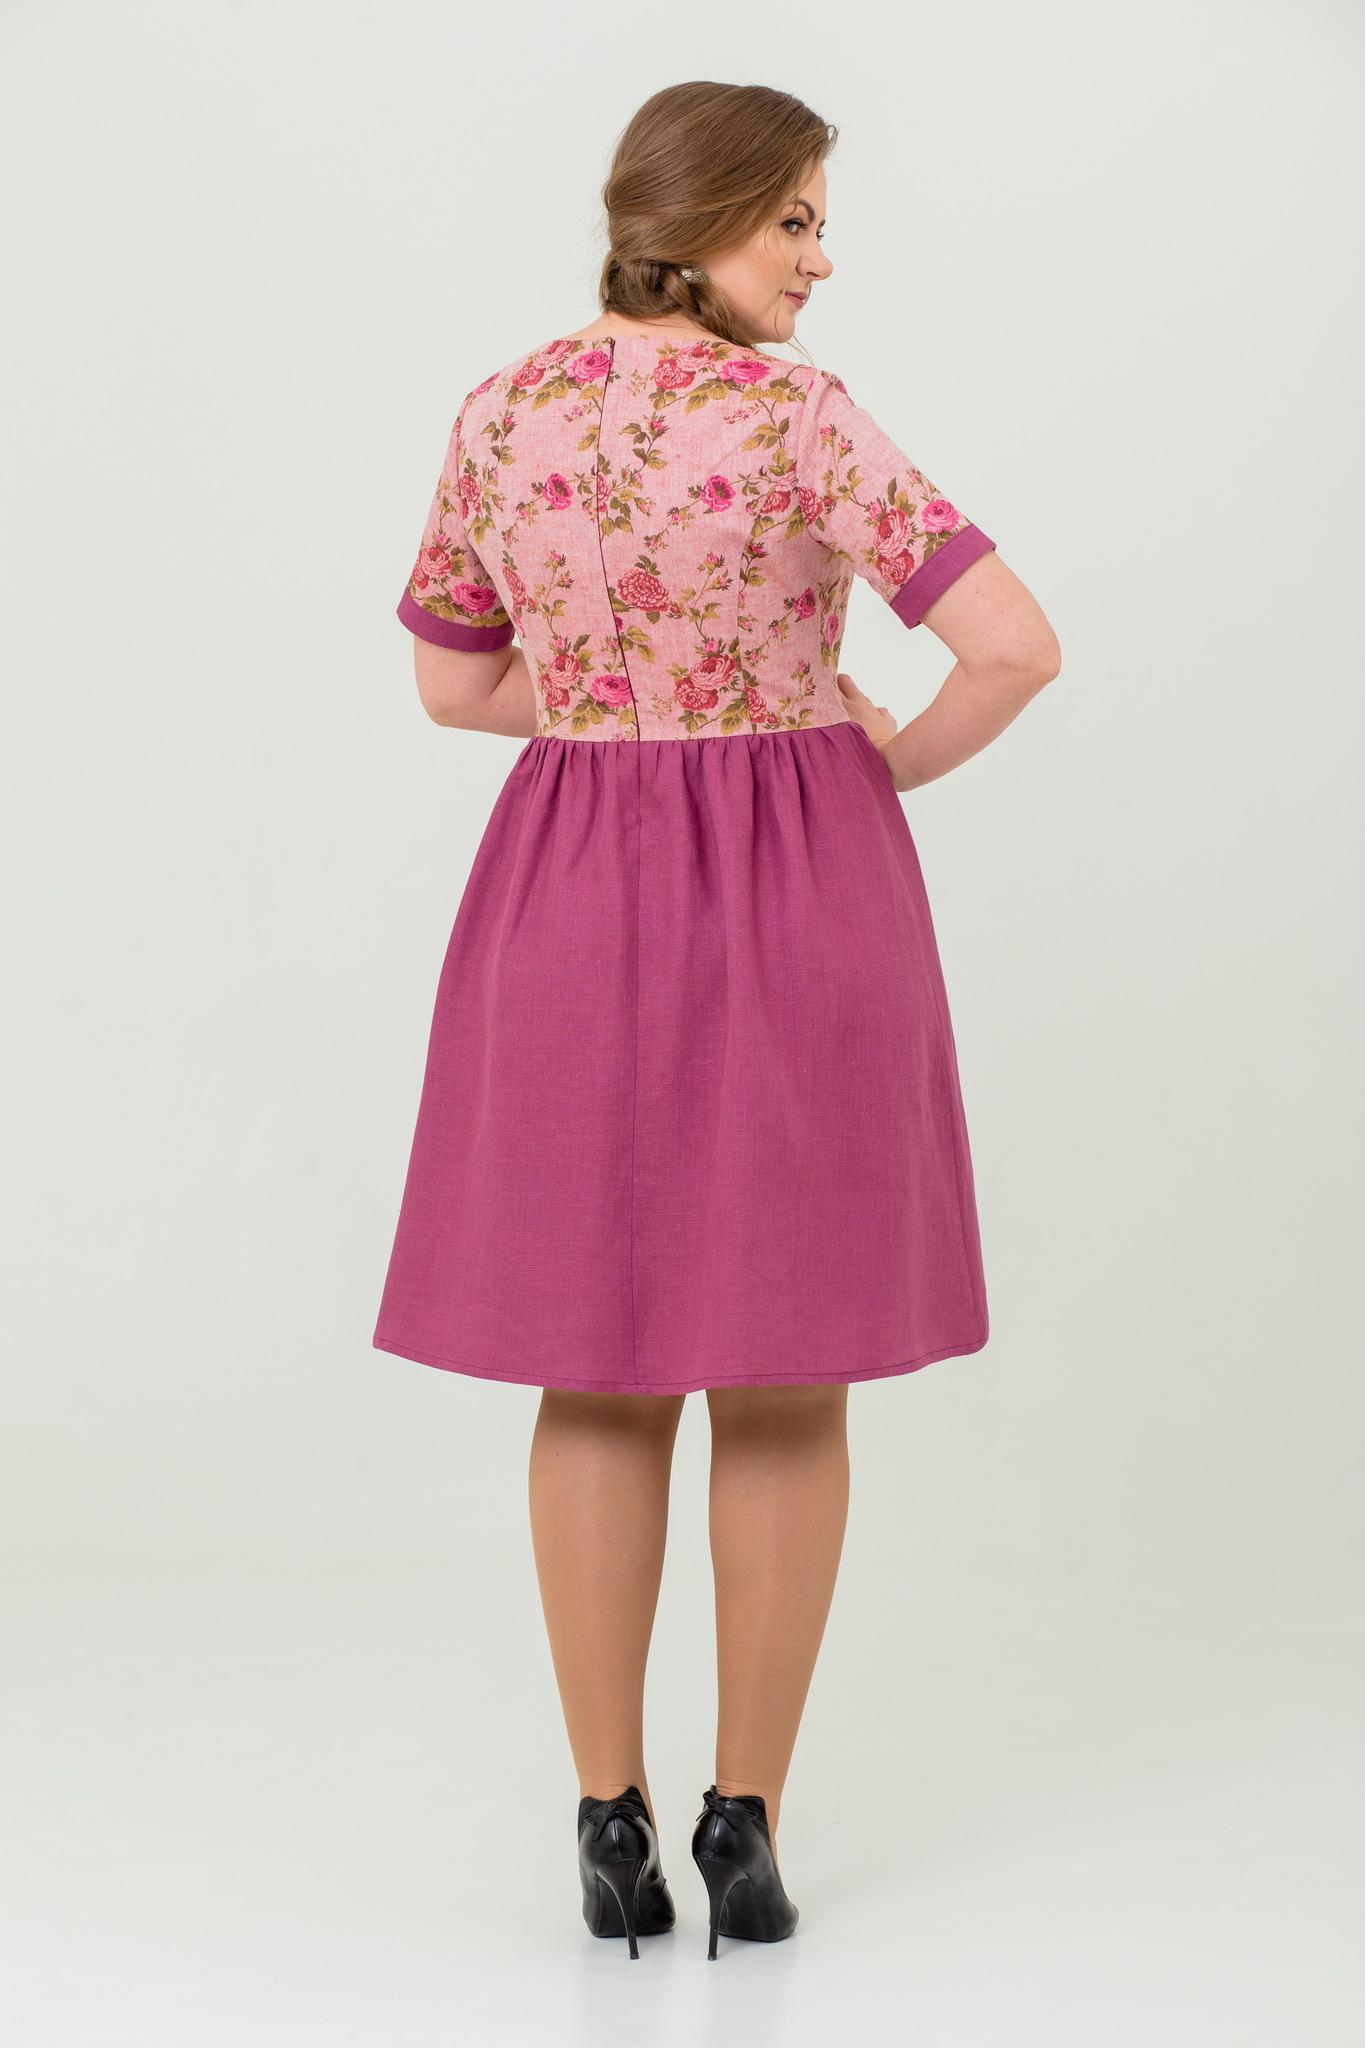 льняное платье Розовый бутон с цветочным узором